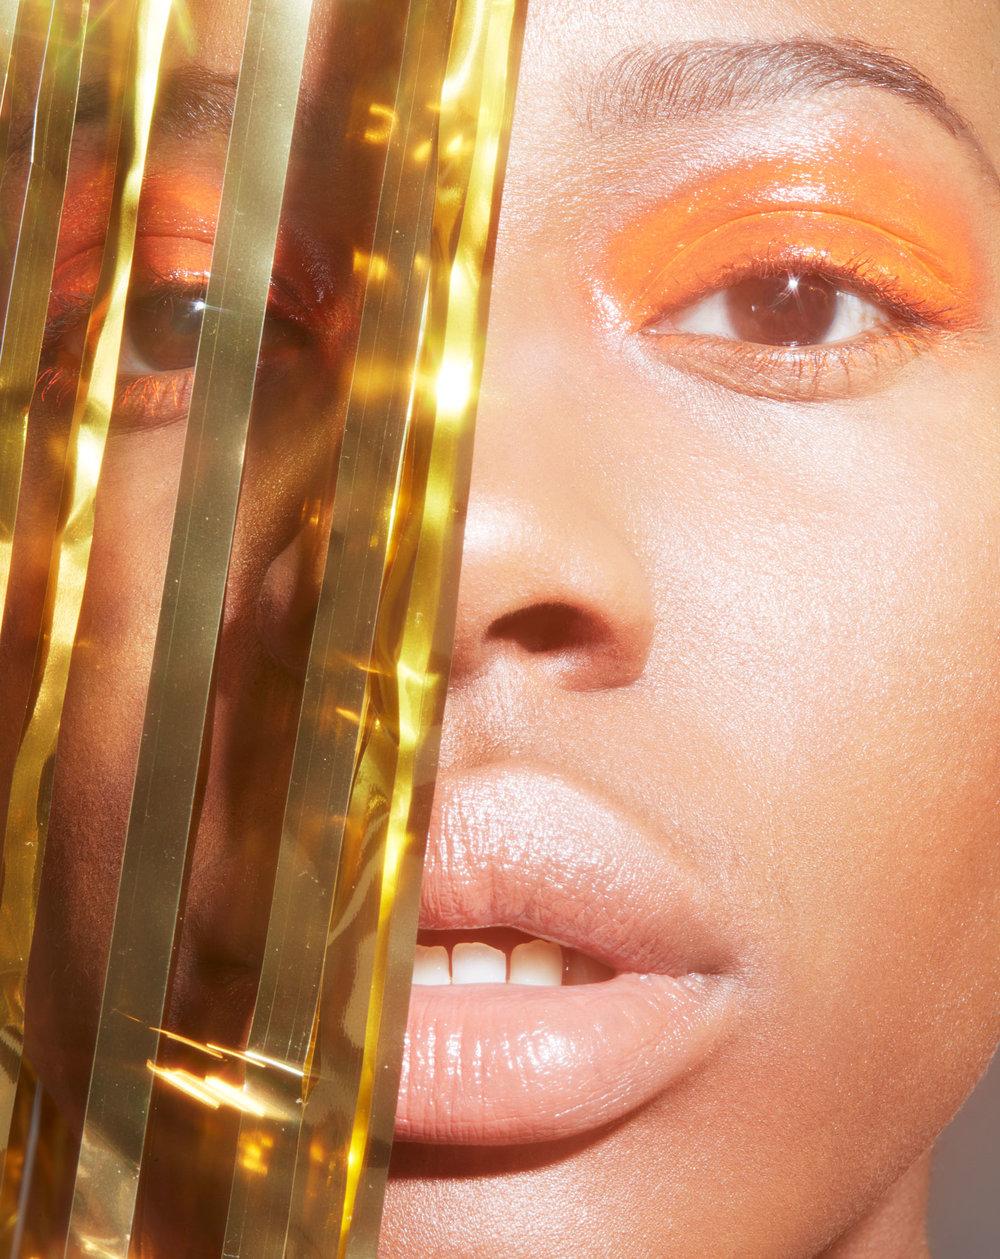 Whitworth_M-Colourful-Eyeshadow0030.jpg